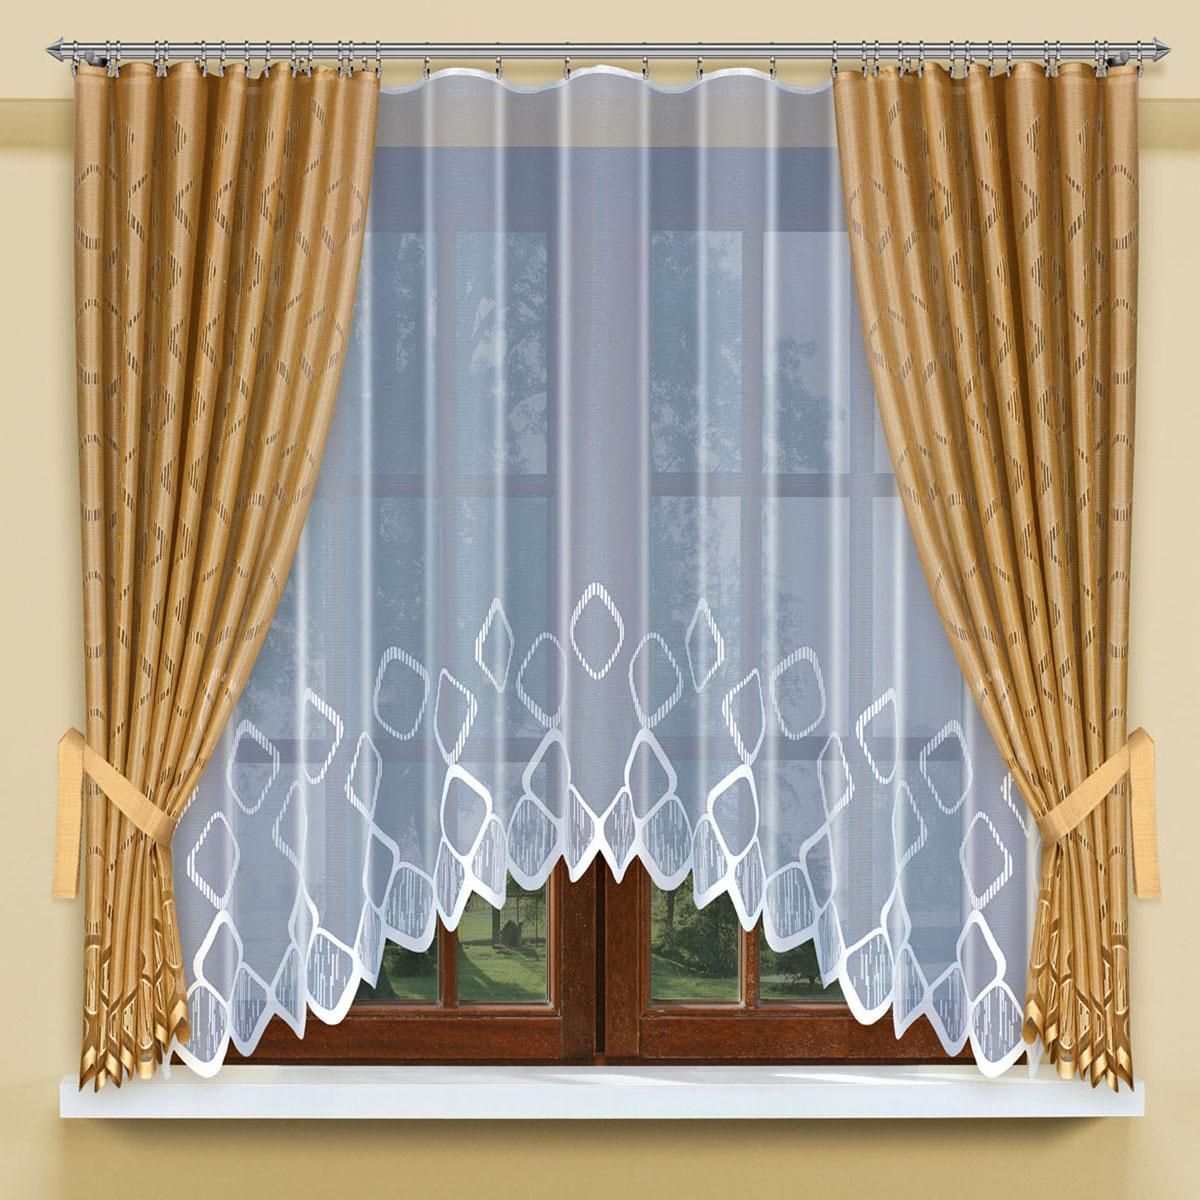 Гардина Haft, цвет: золотистый, высота 170 см200800/160комплект штор для кухни, состоящий из белого жаккардового тюля , портьер золотистого цвета и подхватов Размеры: тюль -высота 160см х ширина 300см,шторы(высота 170смх ширина 145см)*2